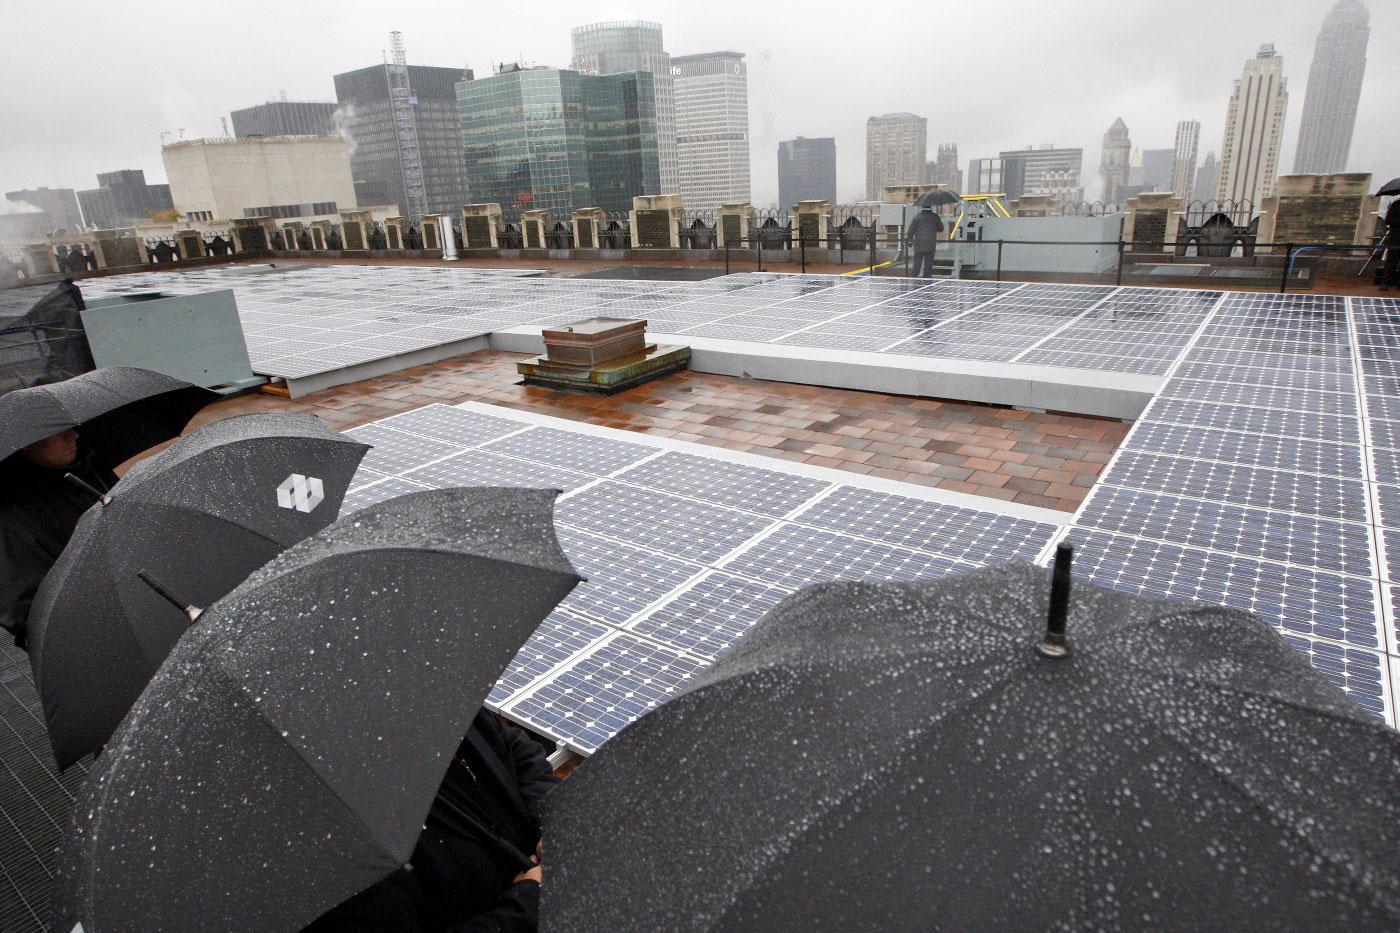 Солнечные панели с графеном производят энергию в дождливую погоду. Facepla.net последние новости экологии